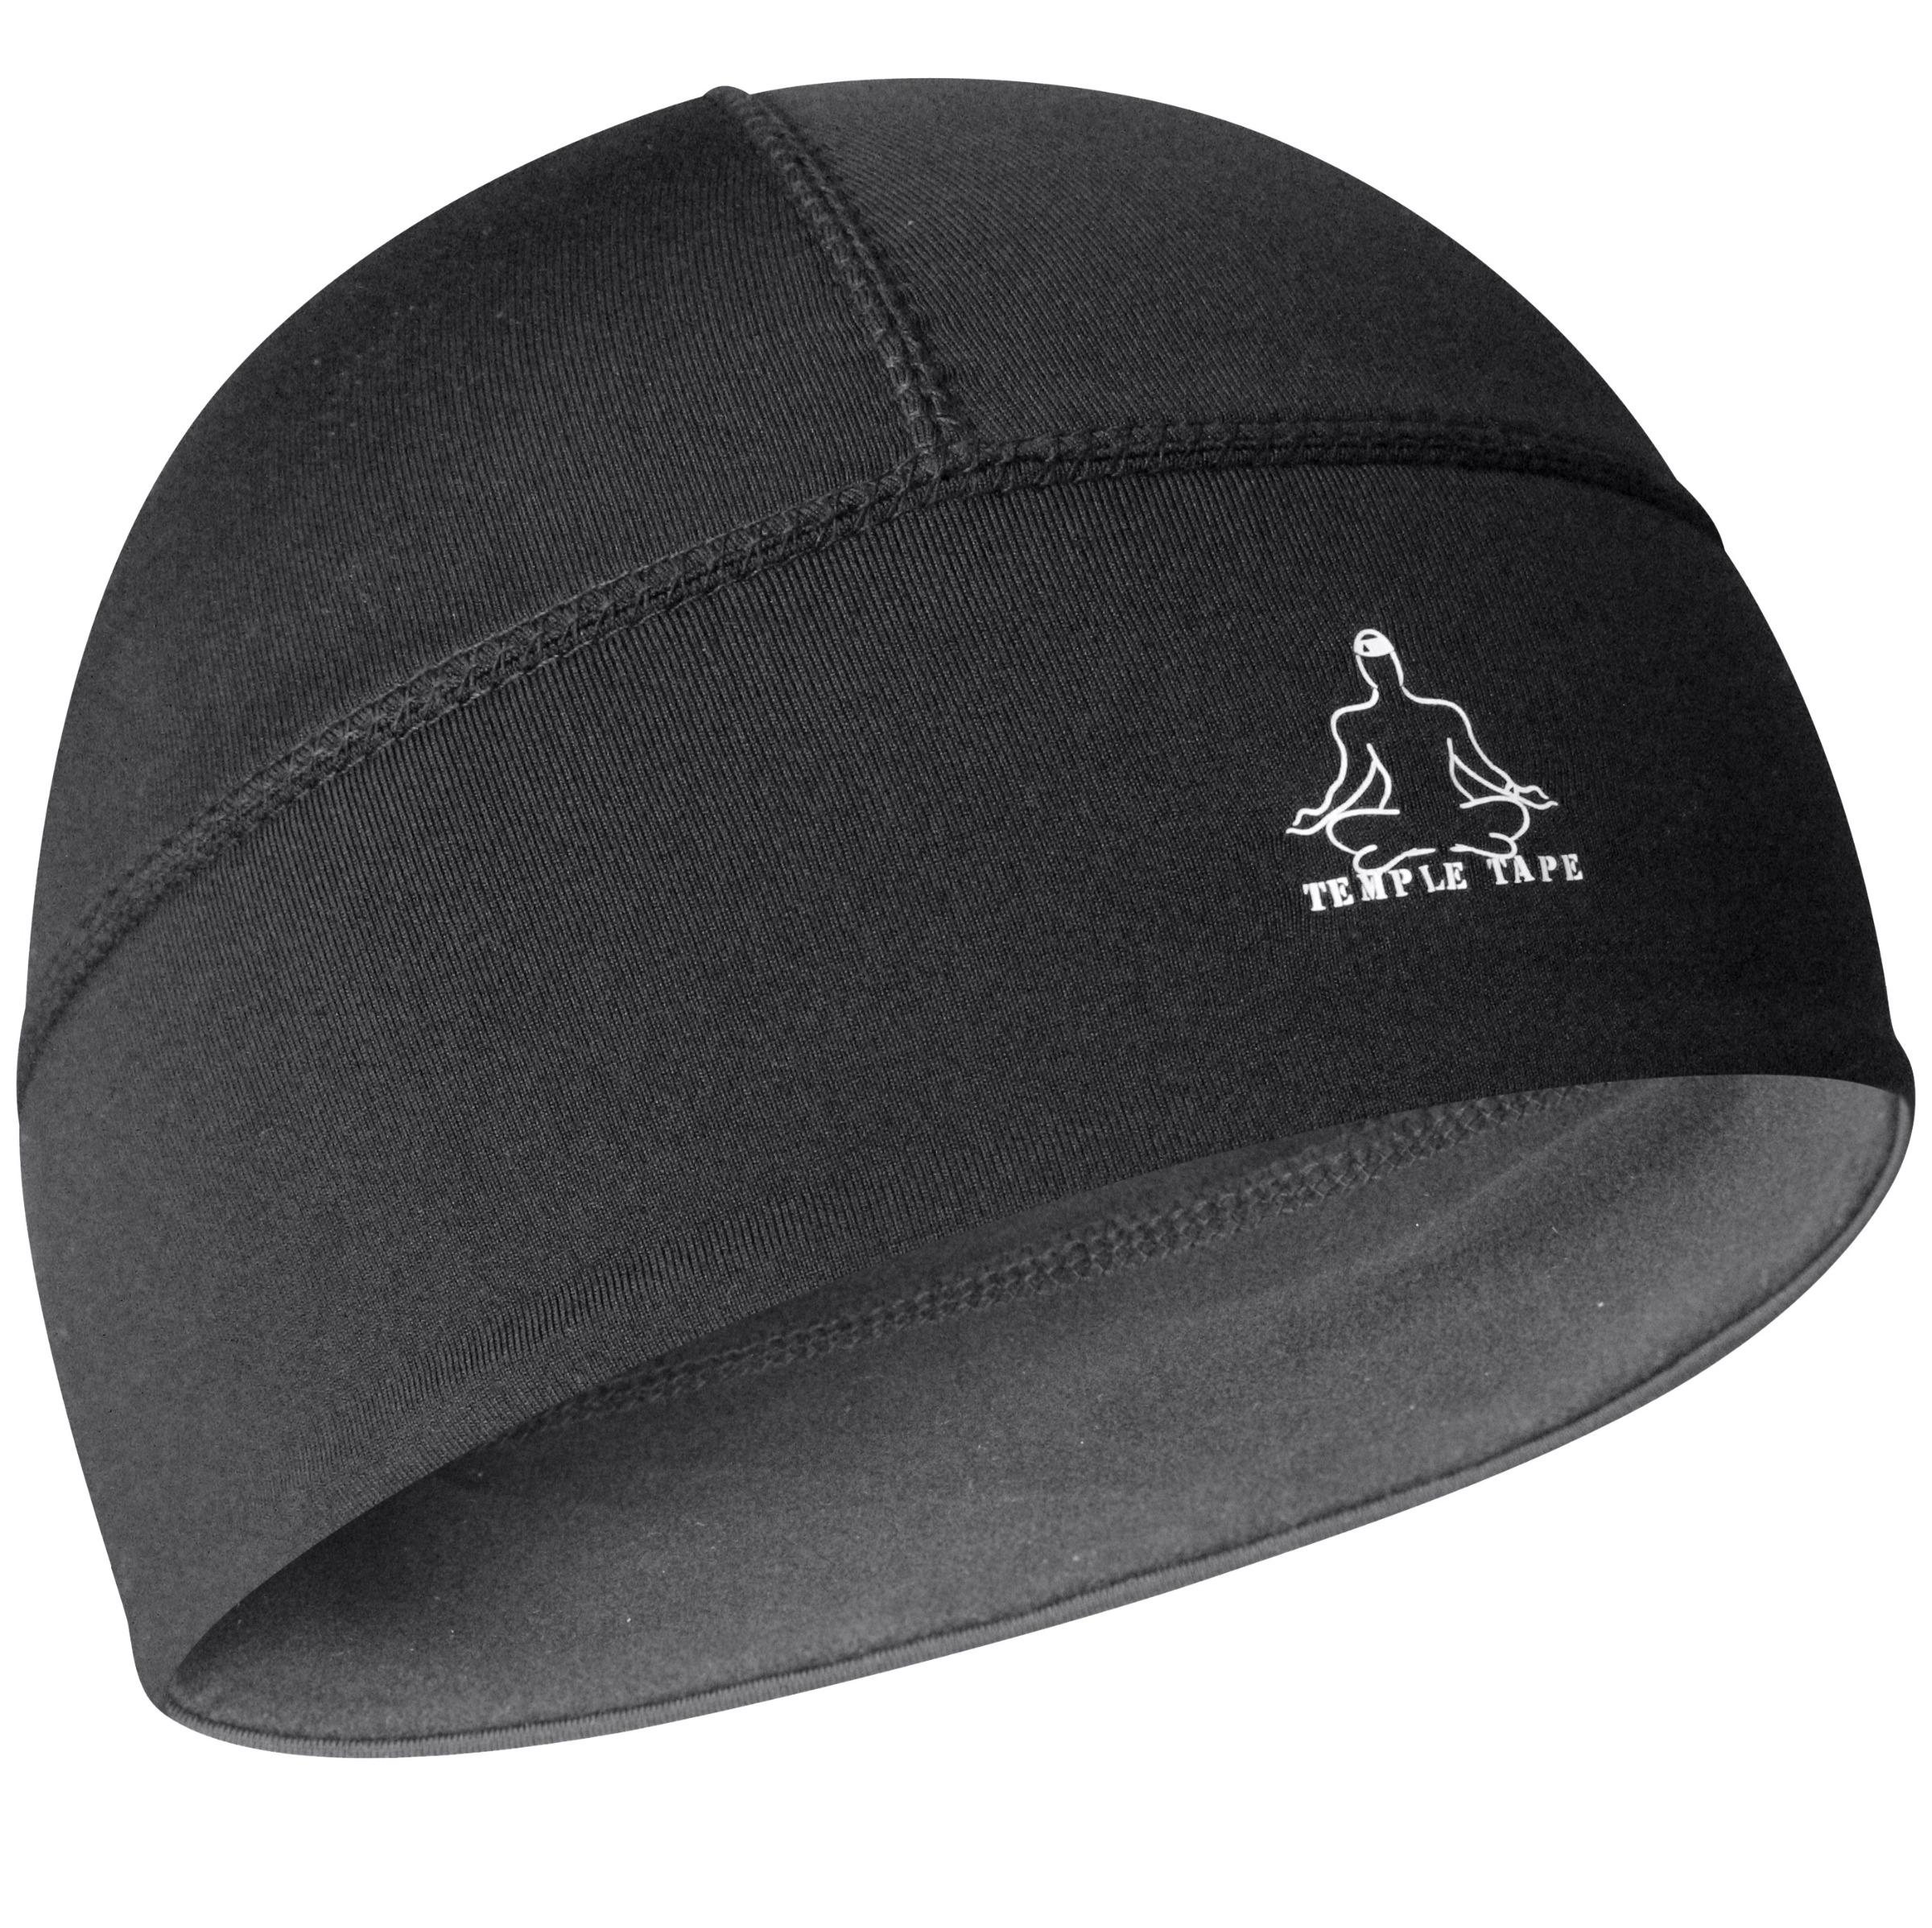 Running Beanie - Helmet Liner